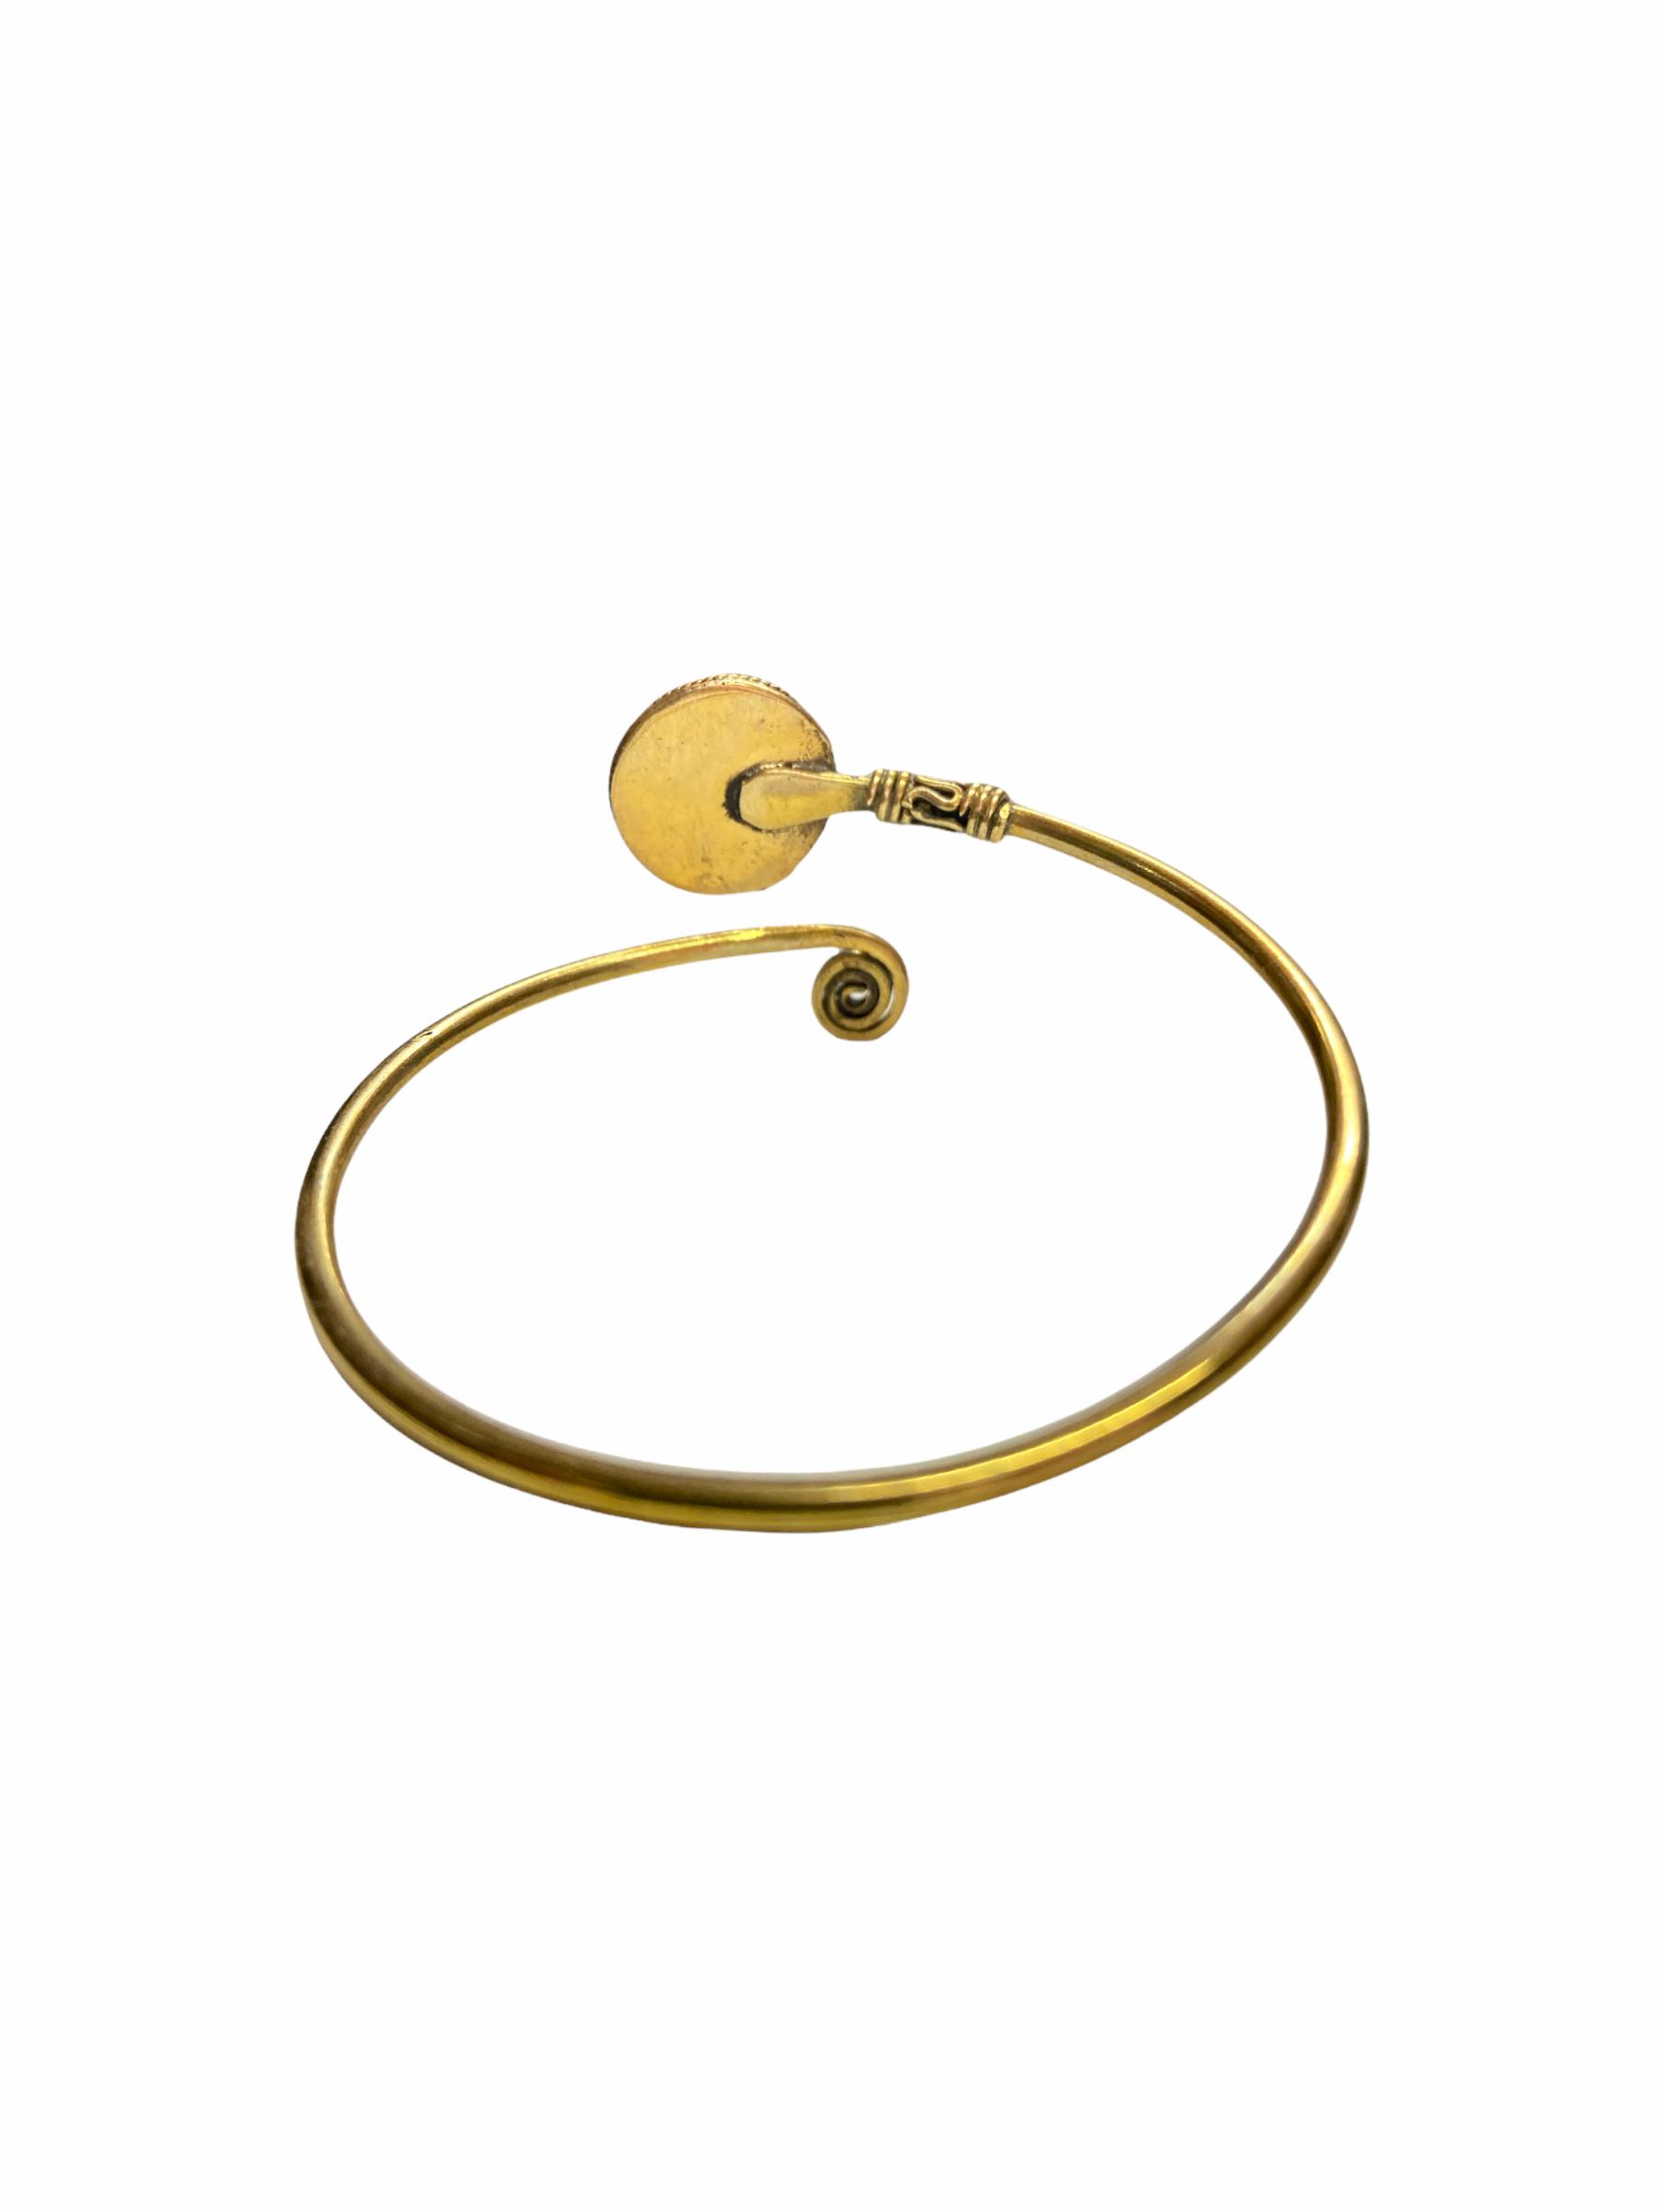 Βραχιόλι Χειροποίητο Minimal Με Αμέθυστο Σε Χρυσό Χρώμα